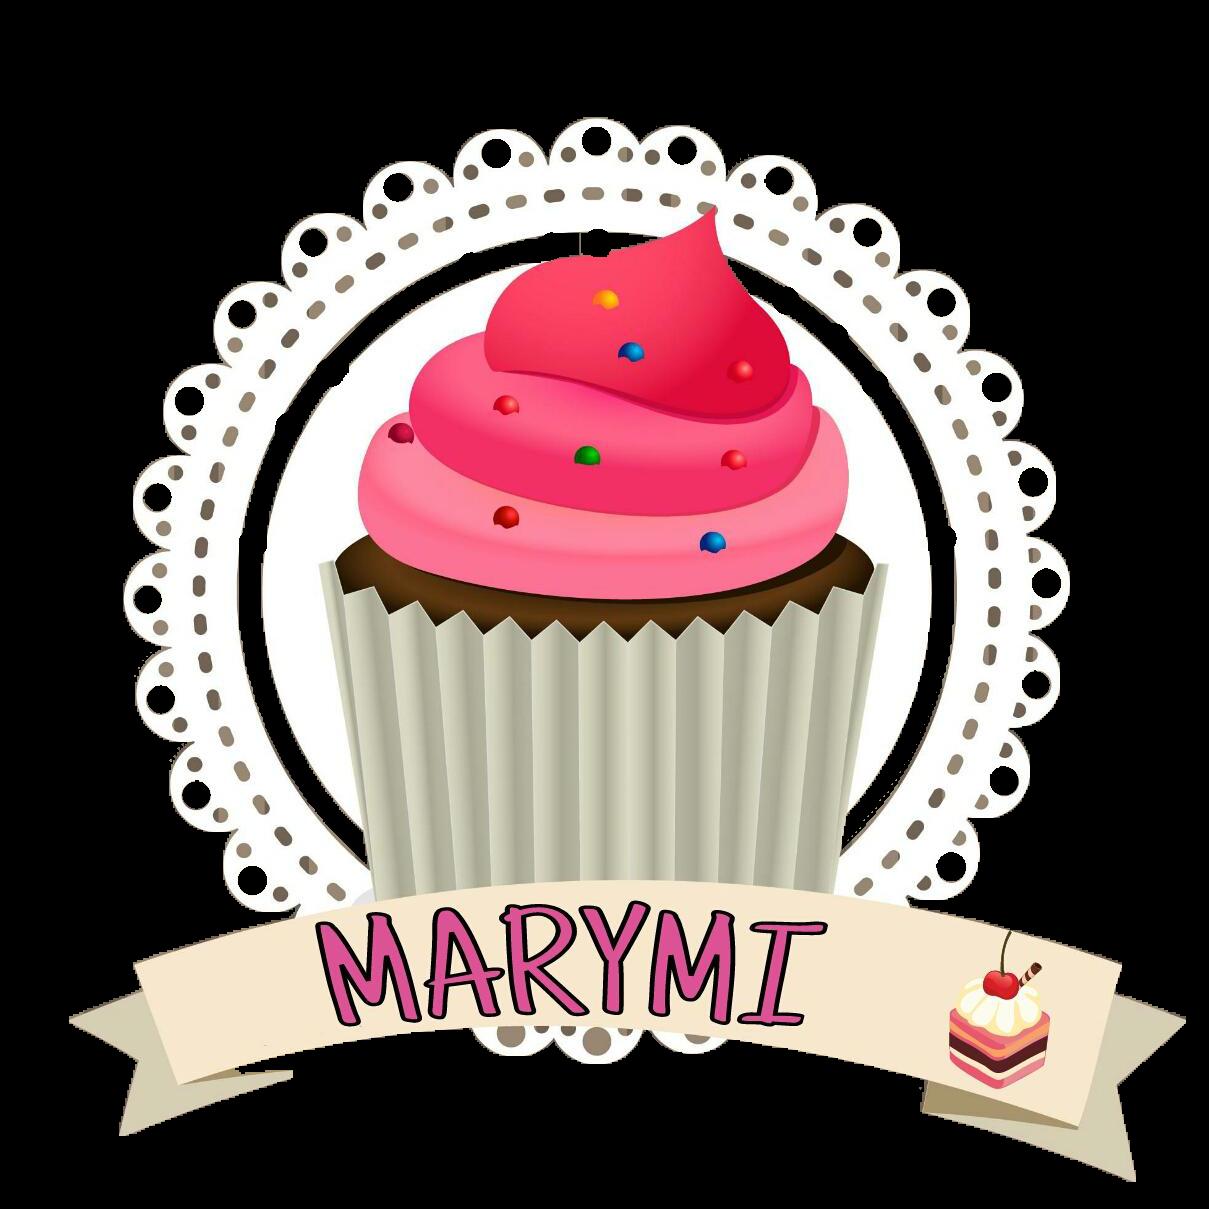 Los dulces de marymi bienvenidos a nuestro blog donde os - Mundo de la reposteria ...